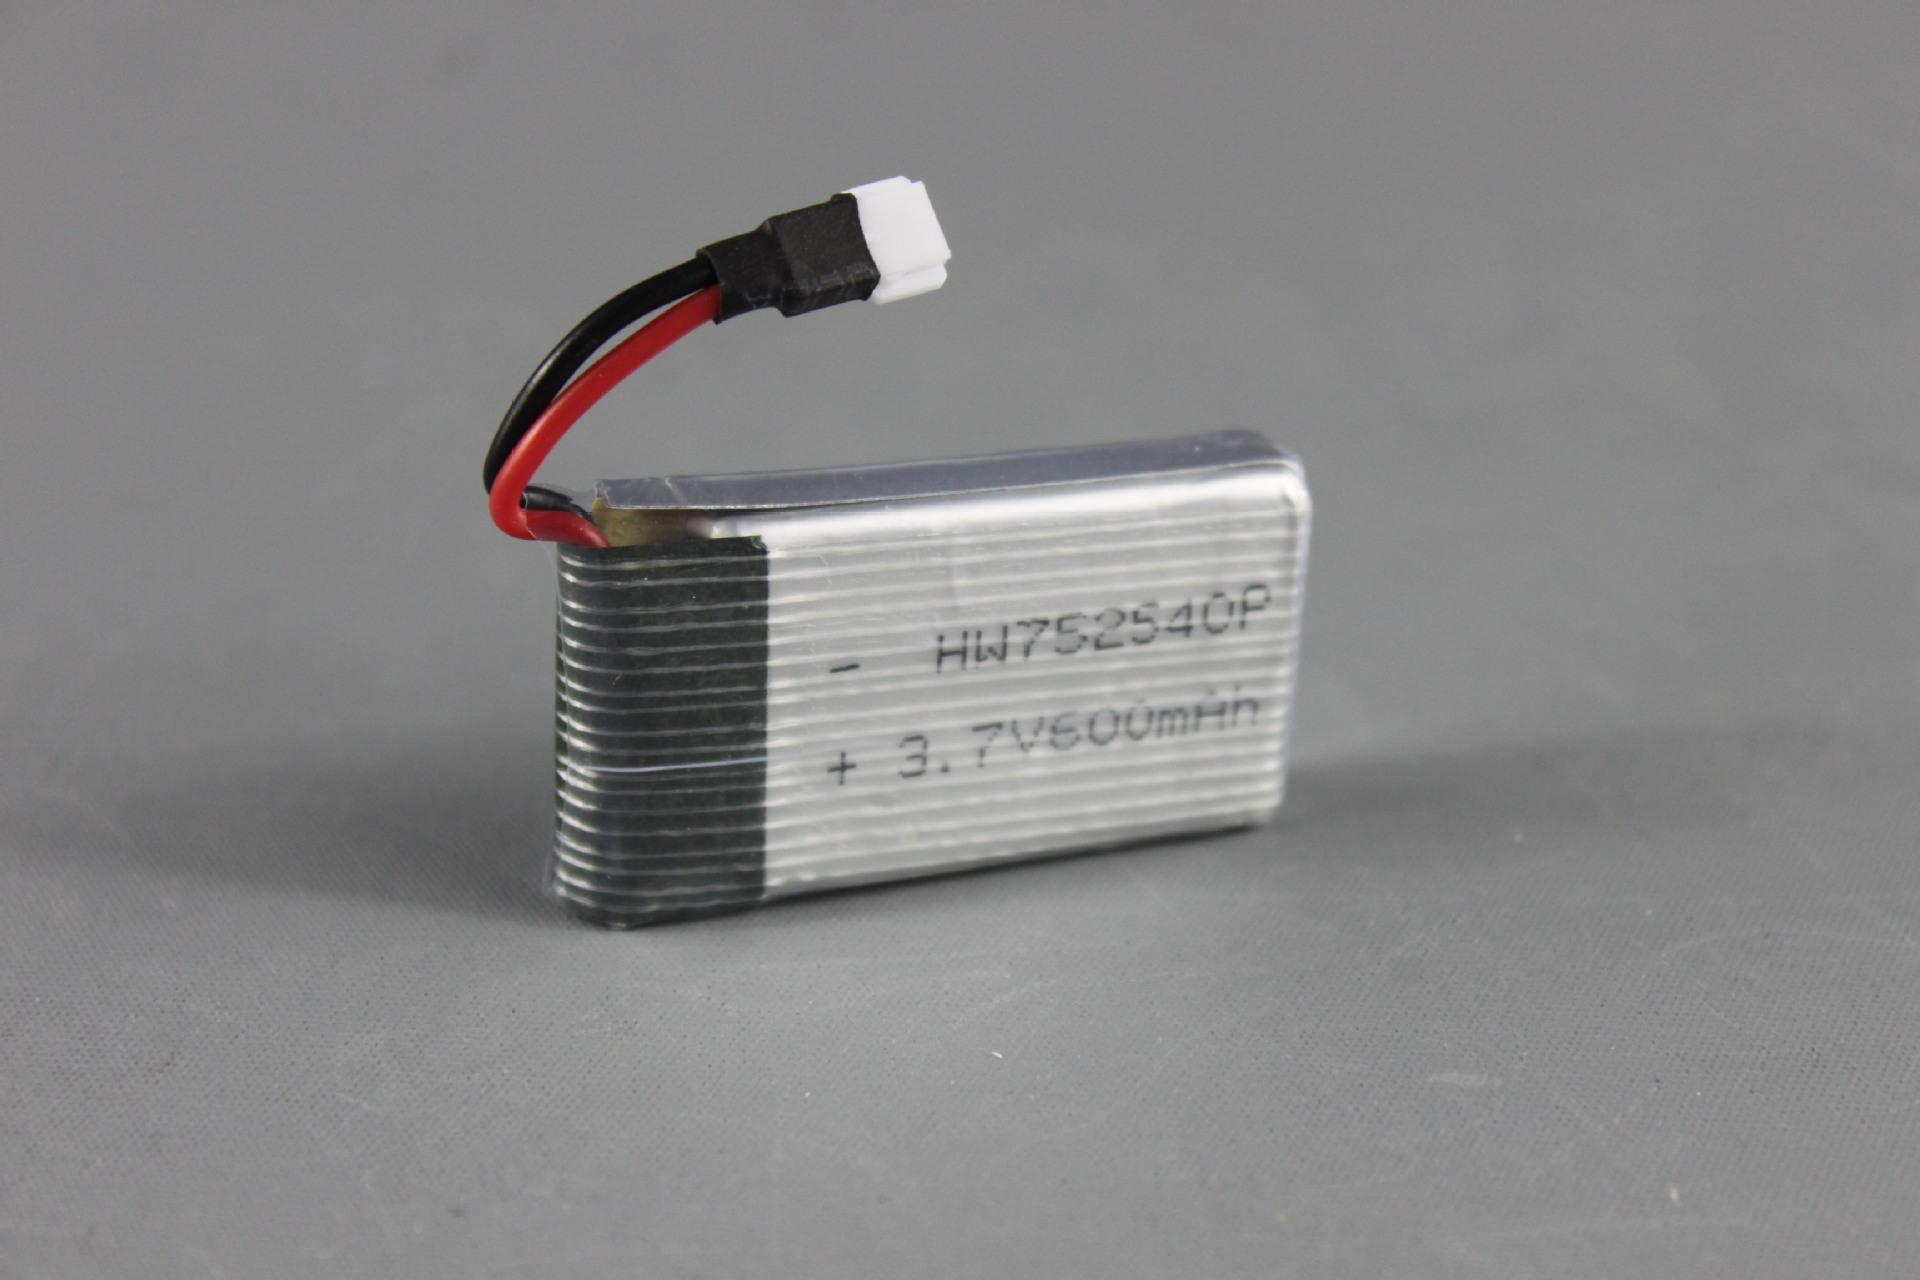 Hình ảnh Pin dùng cho Flycam X5C, X5C-1, X5SW và tương đương 3,7V 650MAH. Hoàng Long Store